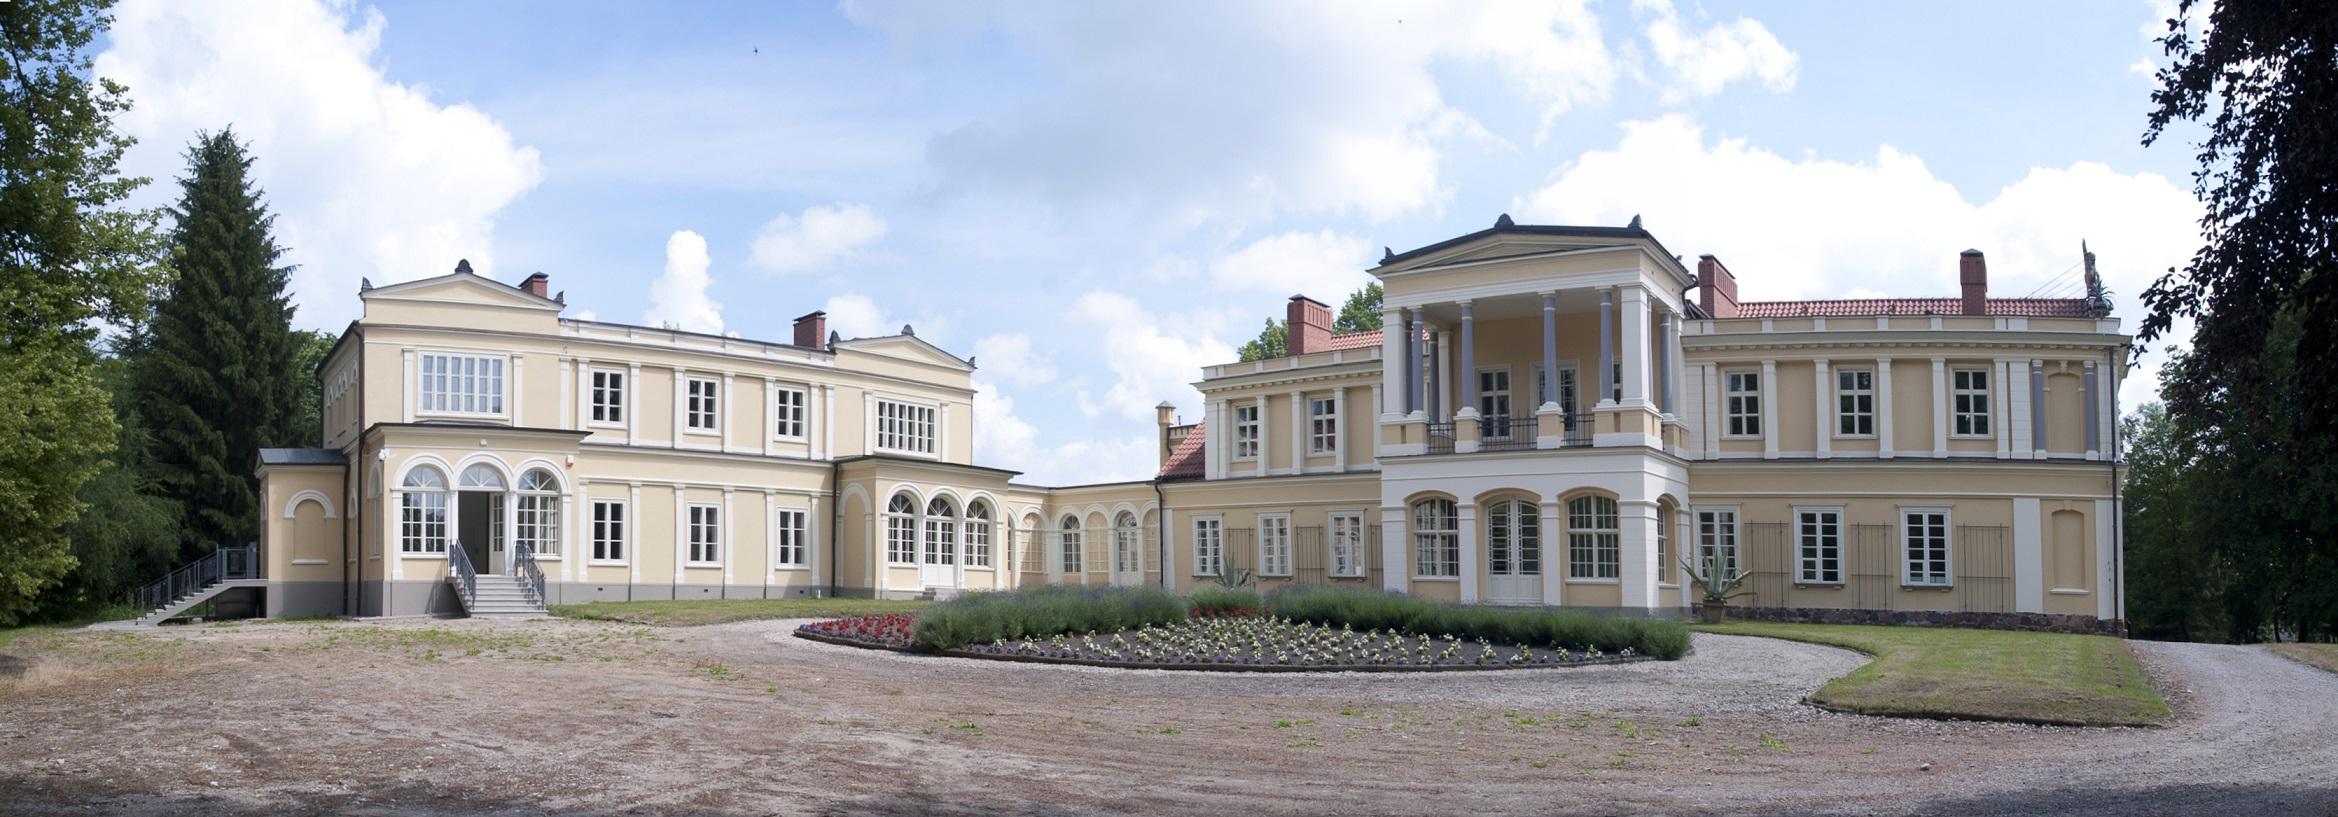 Muzeum Tradycji Szlacheckiej w Waplewie Wielkim od 1 lipca otwarte dla zwiedzających